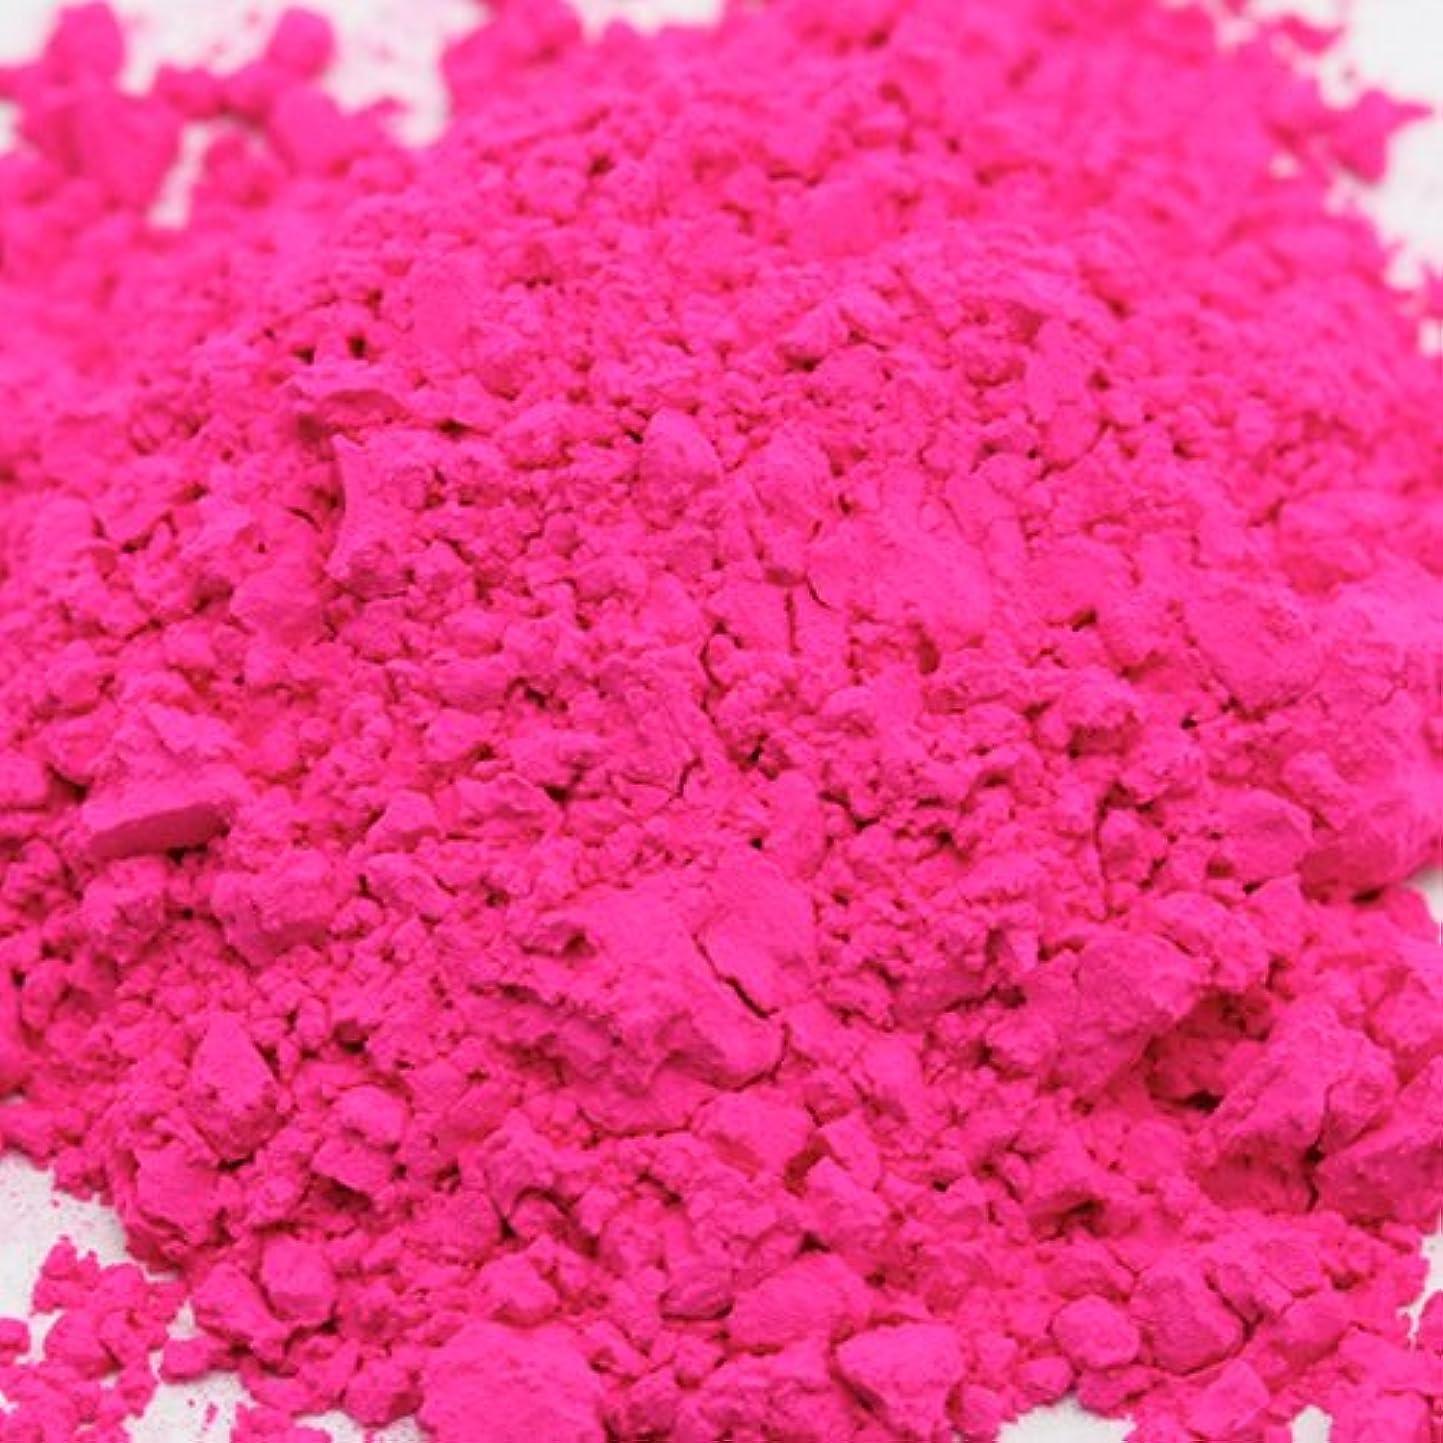 うま小数タイプキャンディカラー ピンク 5g 【手作り石鹸/手作りコスメ/色付け/カラーラント】